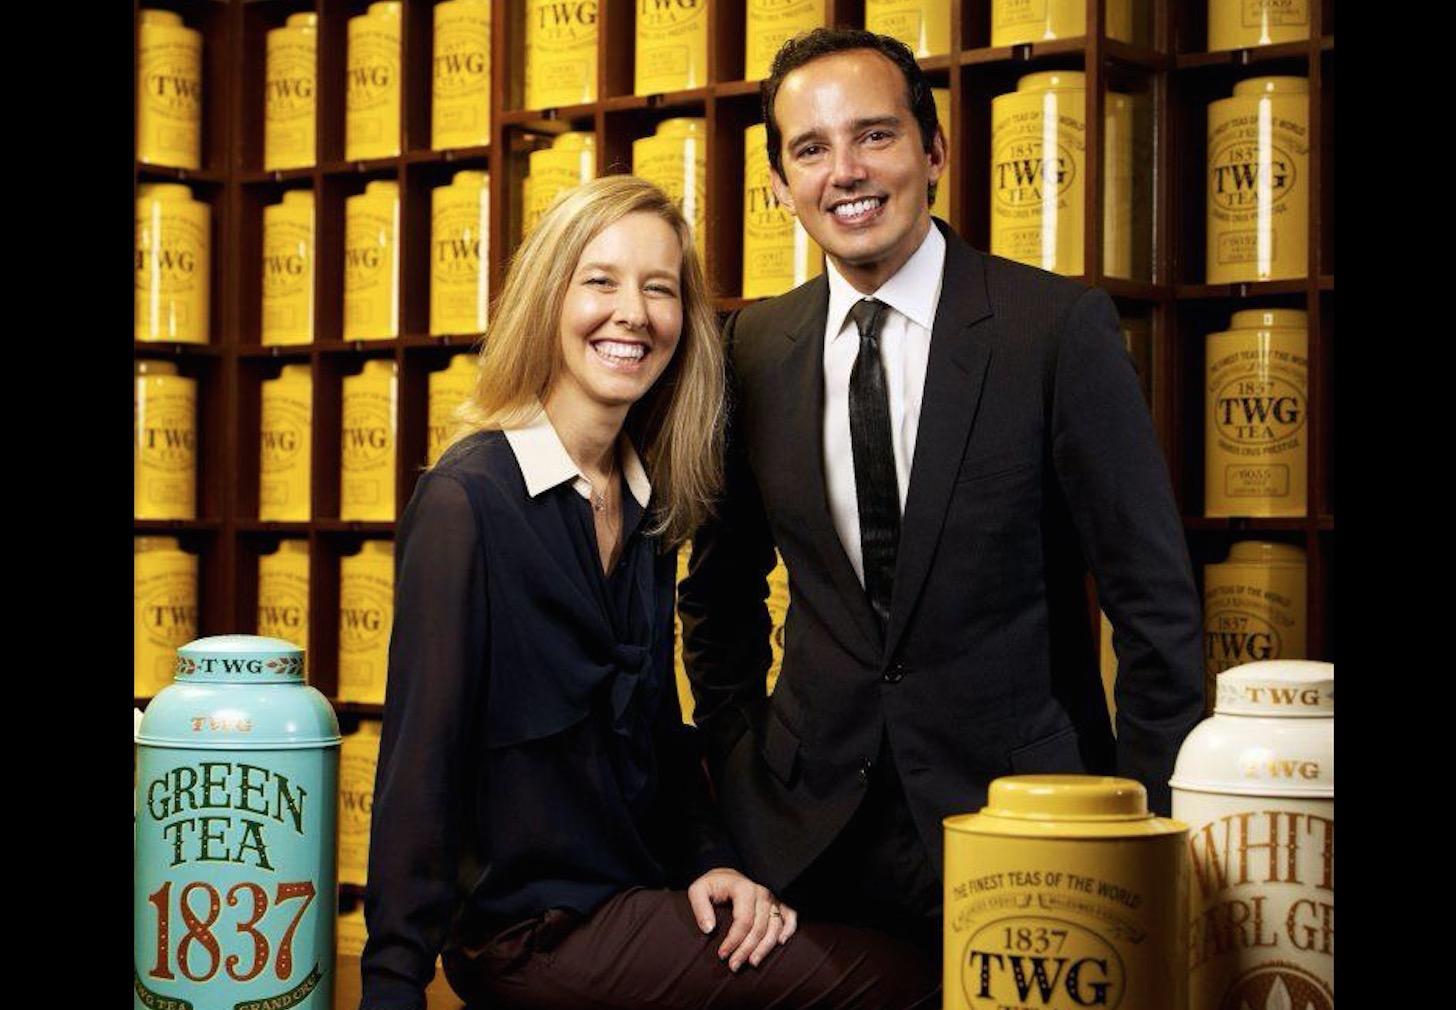 把茶叶做成全球性奢侈品牌,TWG Tea 这8年是如何做到的?《华丽志》专访TWG Tea创始人Maranda Barnes